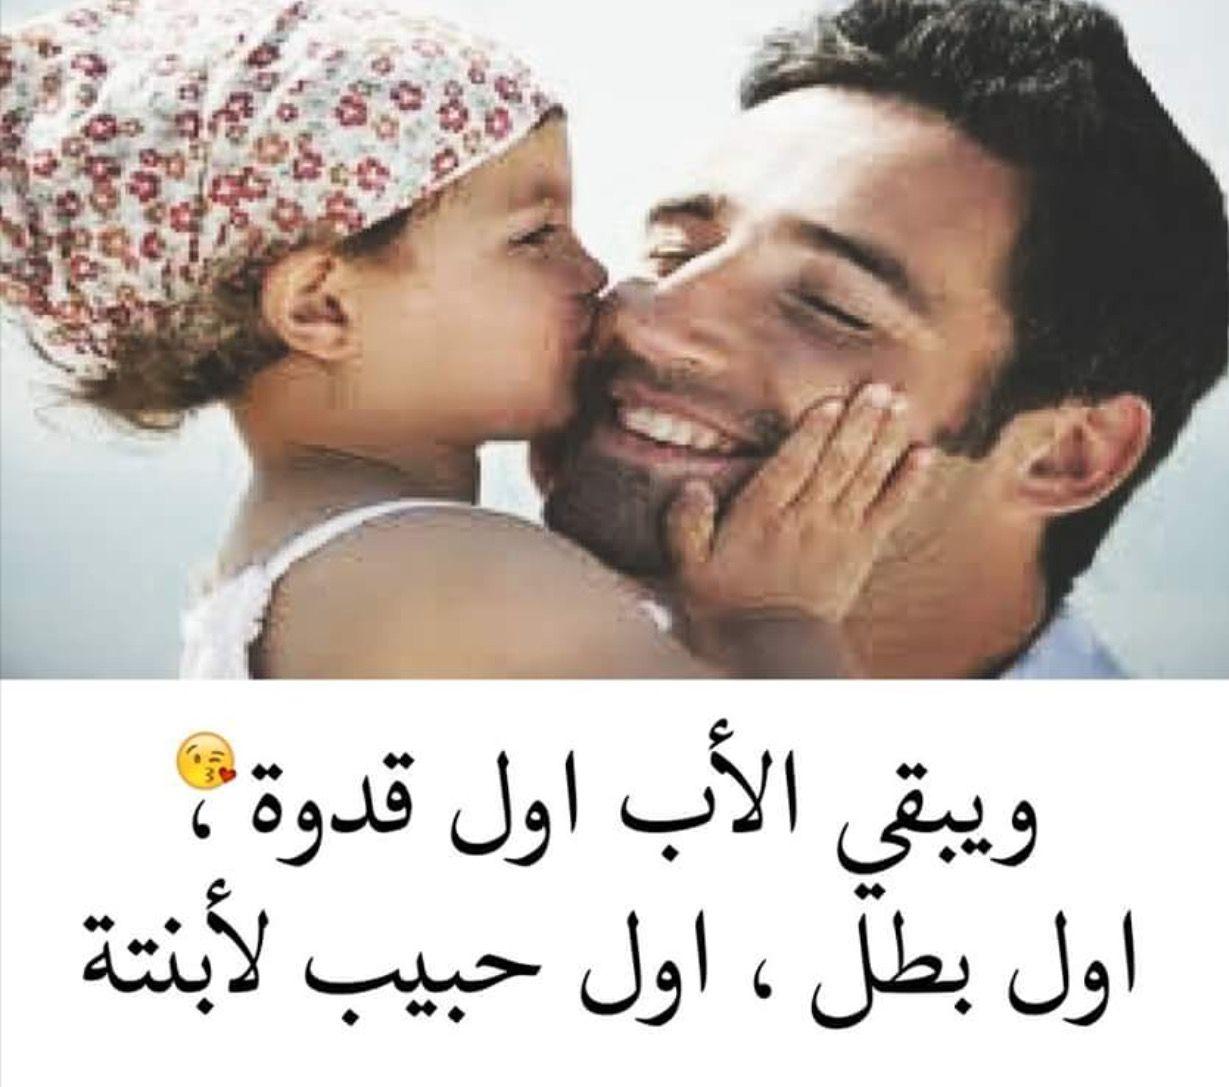 صور كلام عن الاب الحنون , اجمل الكلمات المعبرة عن الاب وحنيته